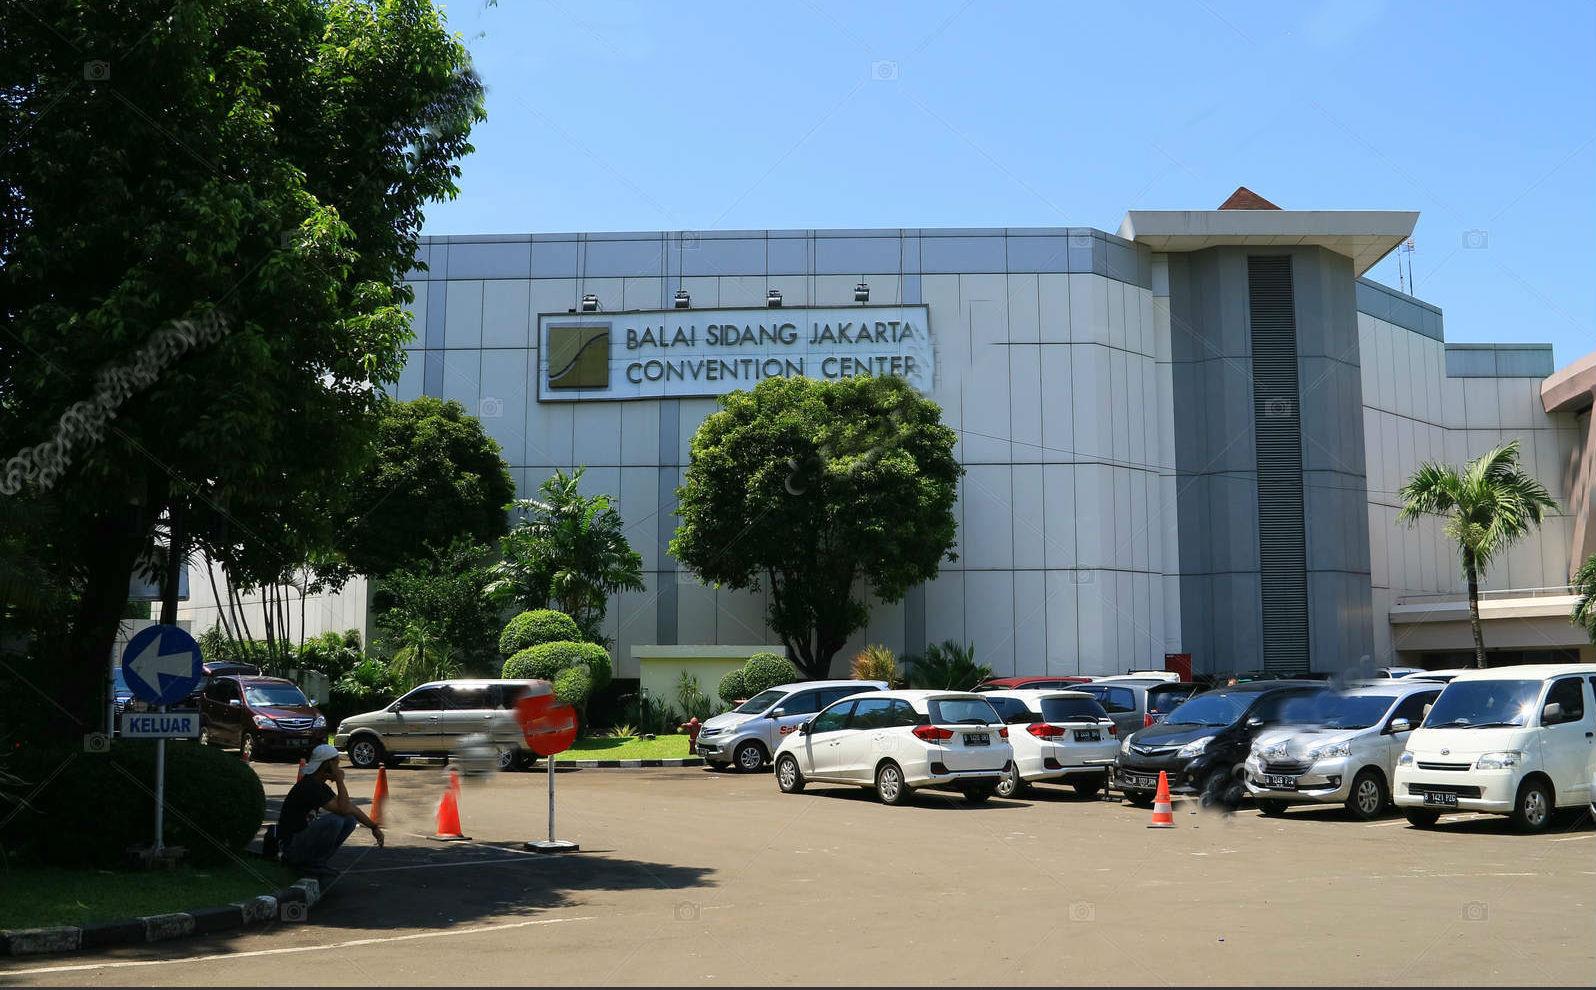 雅加達會議中心Jakarta Convention Center (JCC)